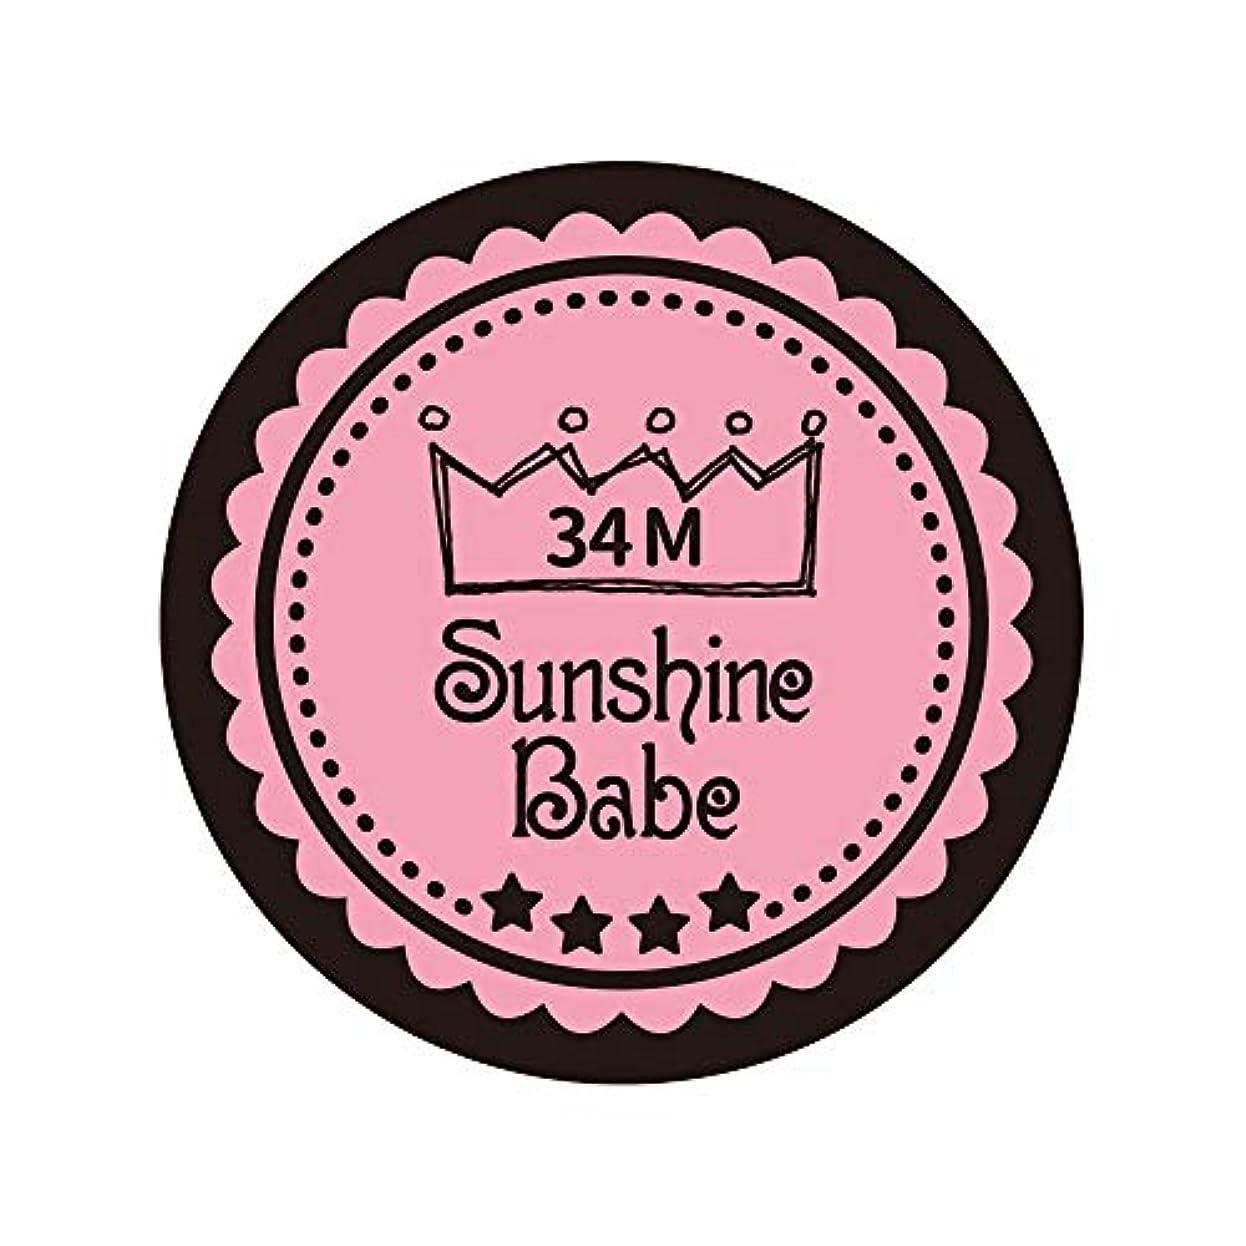 フォロー課す色Sunshine Babe カラージェル 34M メロウローズ 2.7g UV/LED対応